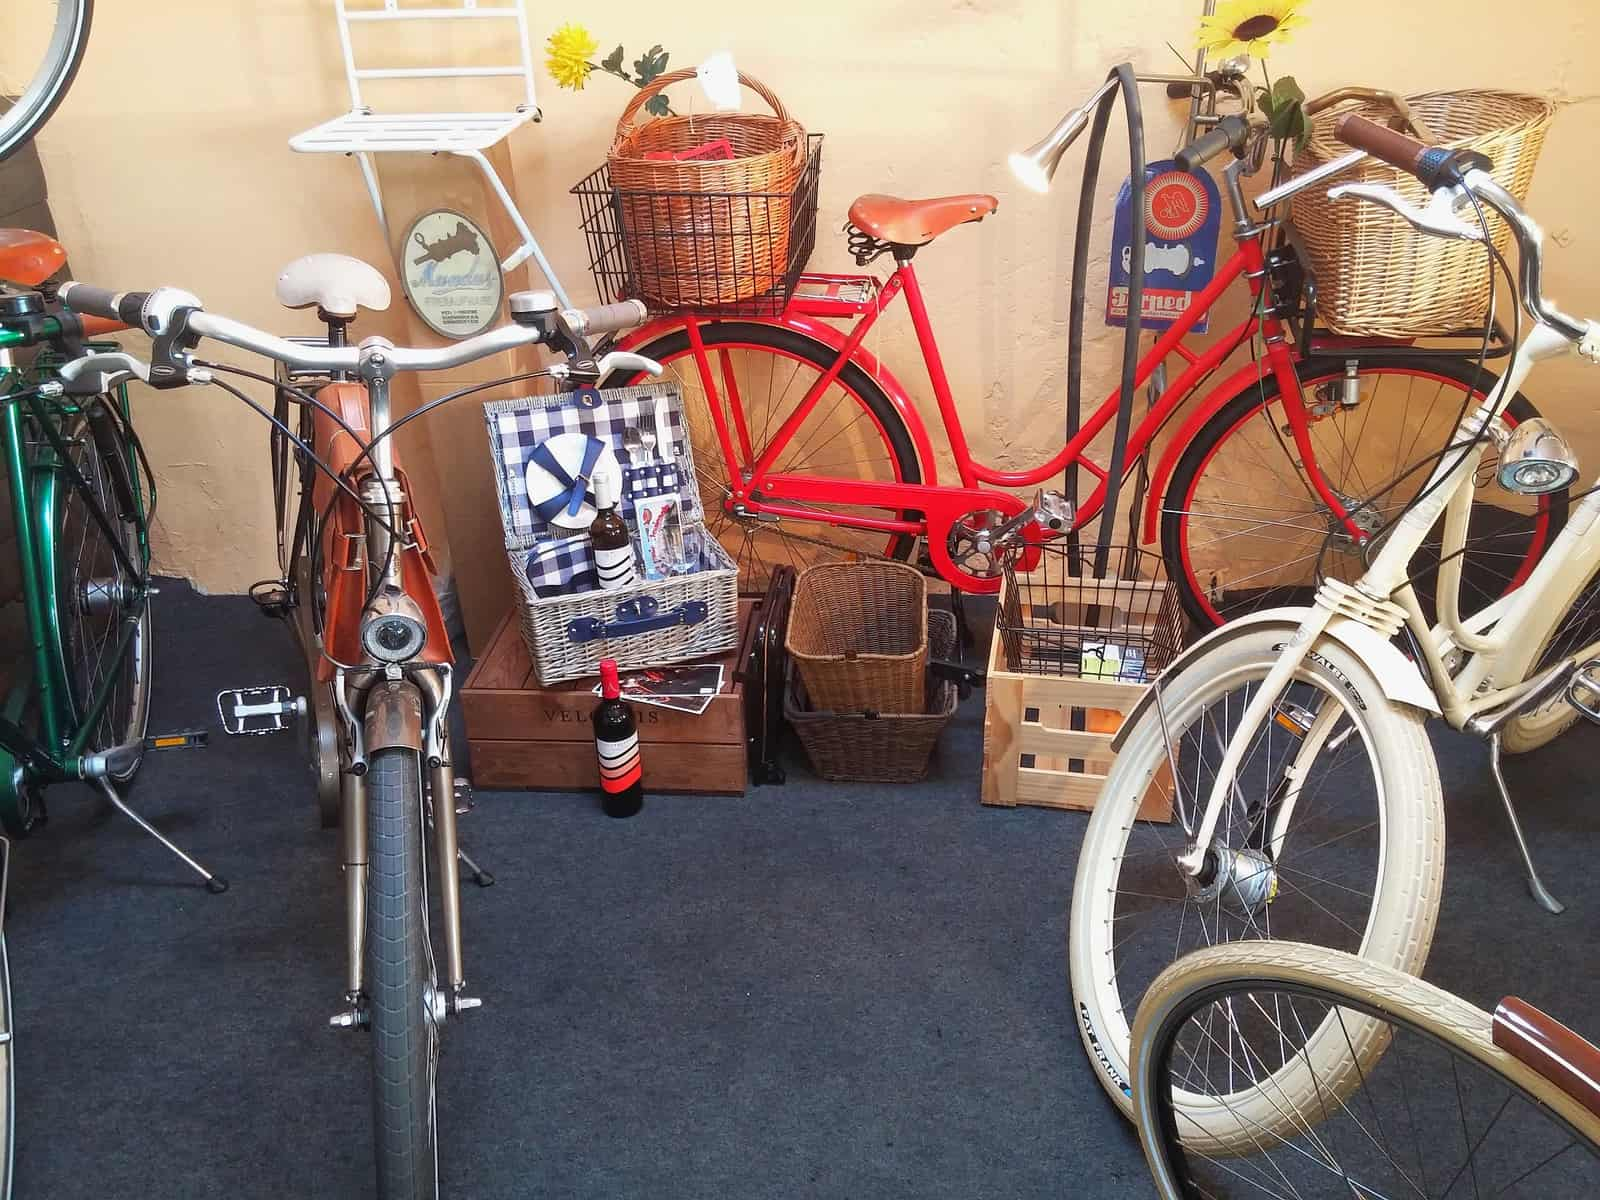 Düsselrad - einer der beliebtesten Fahrradläden der Stadt